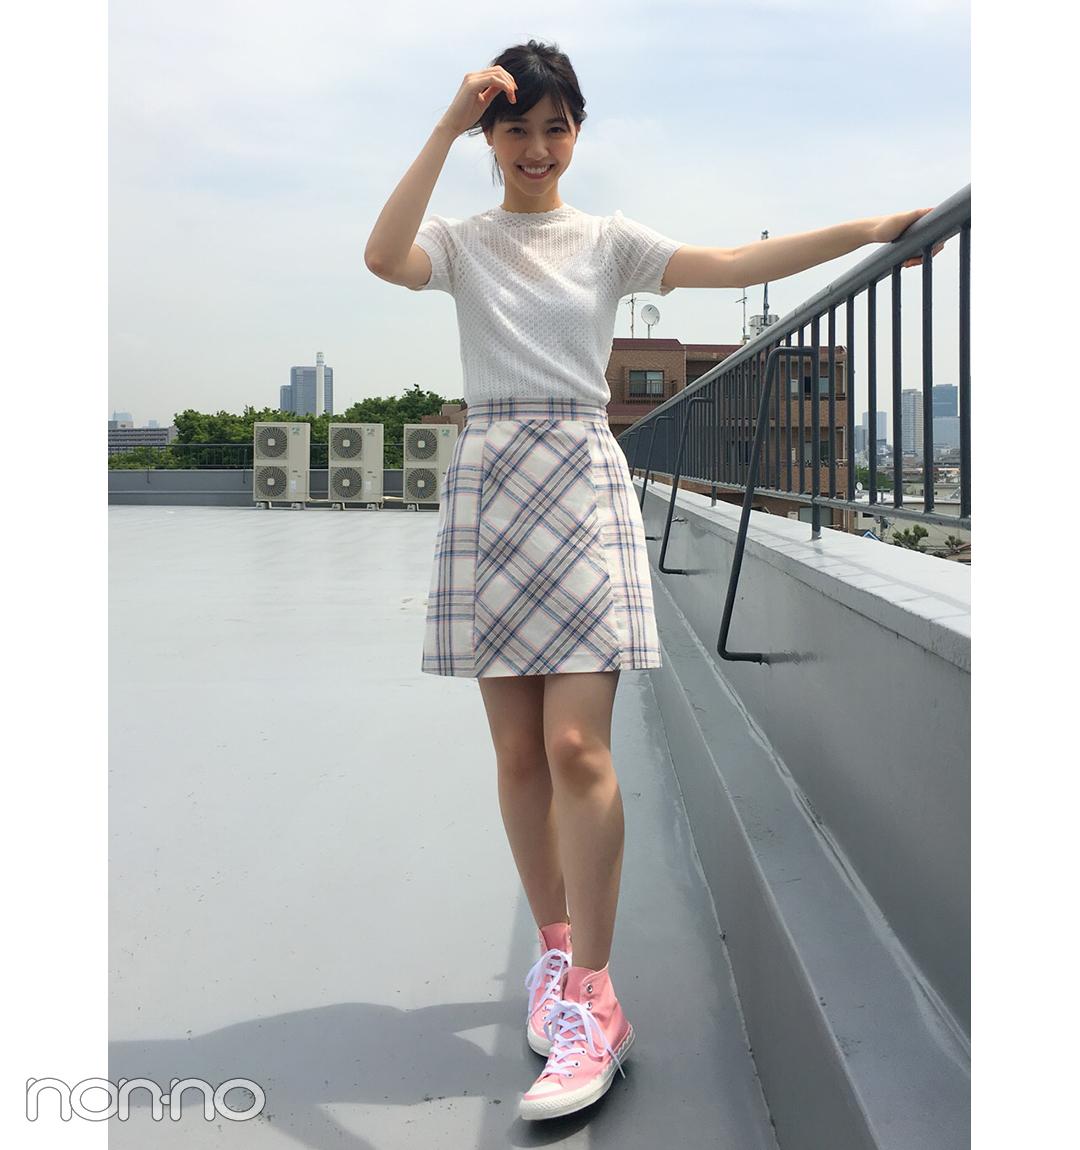 西野七瀬はチェックミニ&スニーカーで可愛げアクティブ☆【毎日コーデ】_1_1